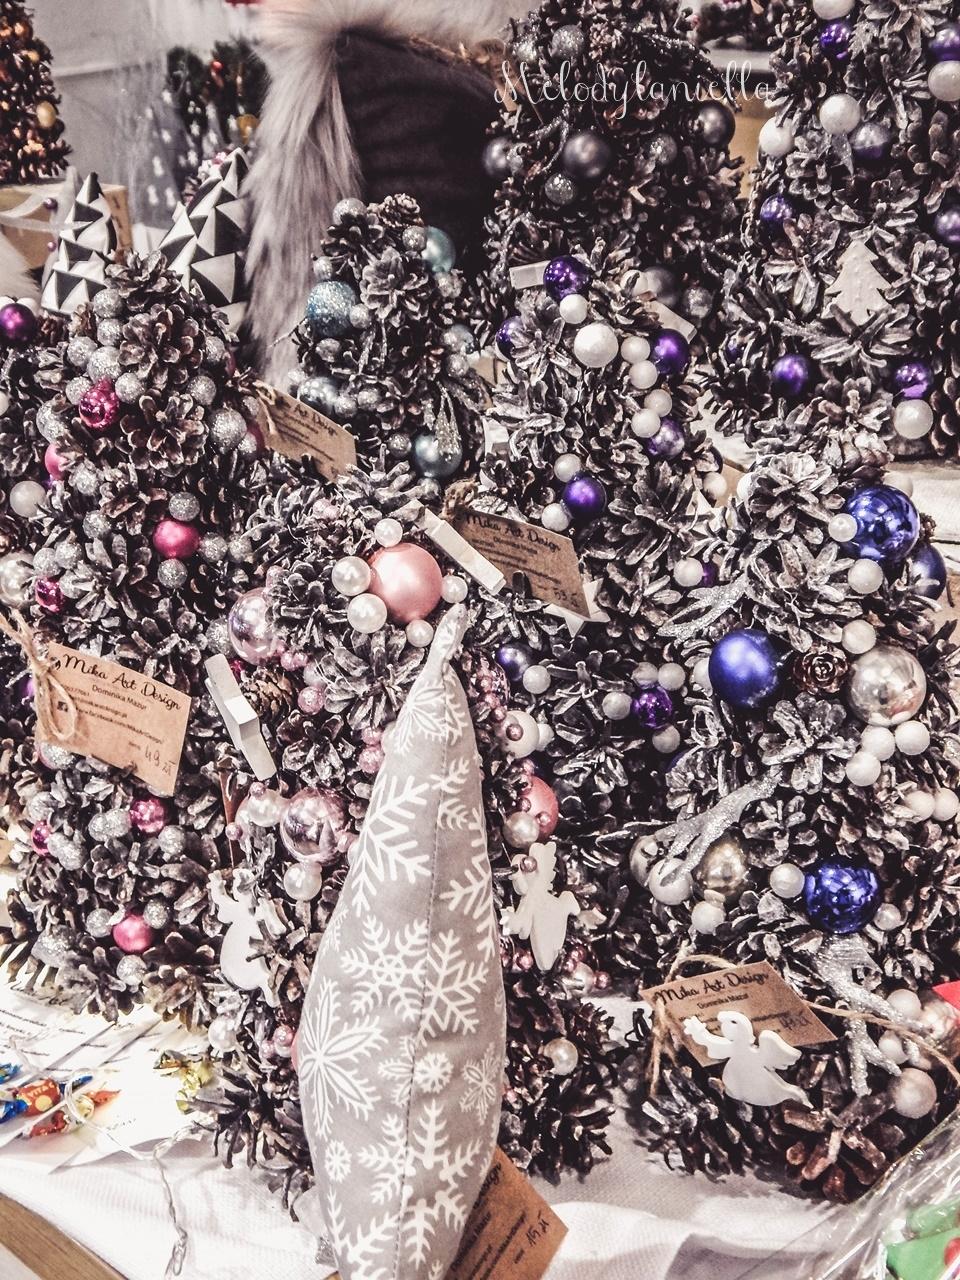 5 nietypowy jarmark świąteczny piotrkowska 217 co dzieje się w łodzi dwukropek ogrody zofii bożonarodzeniowy jarmark targ świąteczny świat z lukru pierniki świąteczne łódź biżuteria handmade piando zigner